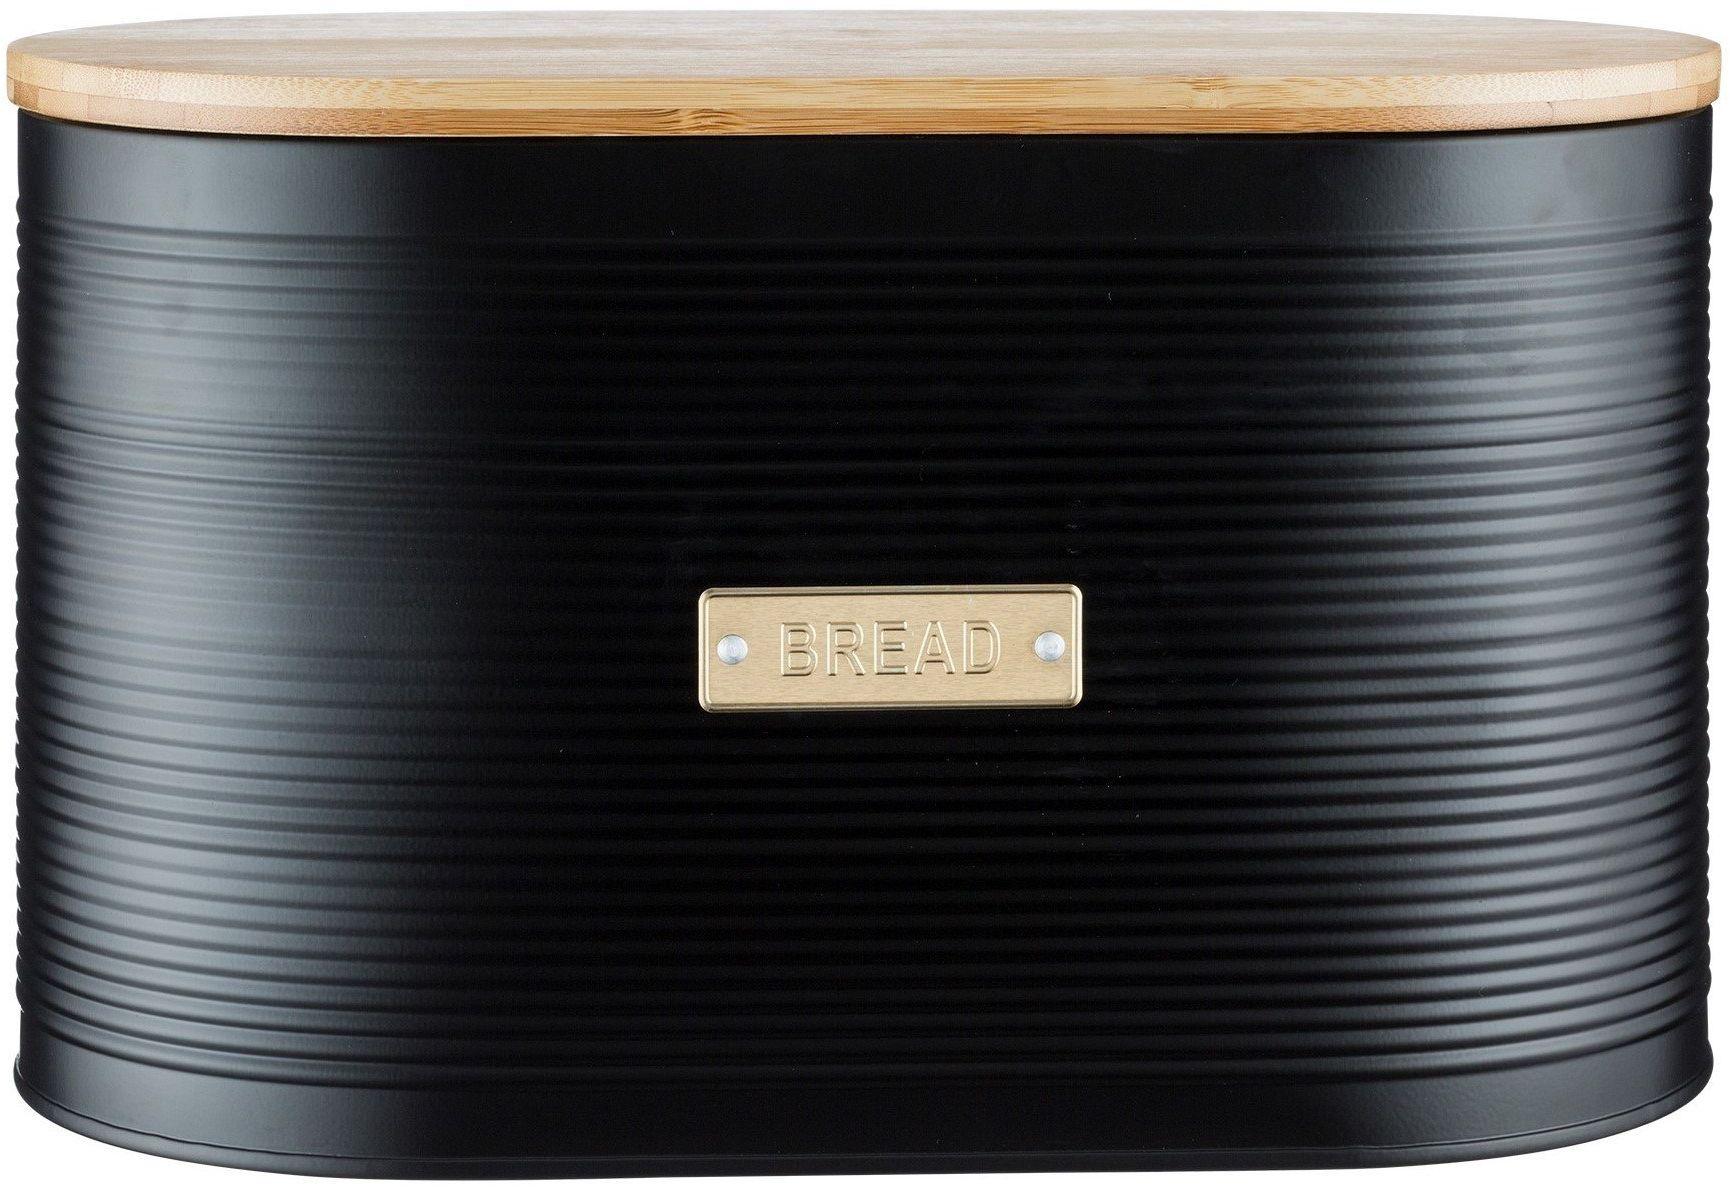 Typhoon Otto pojemnik na chleb z bambusową pokrywką, 10 litrów, czarny matowy i złoty